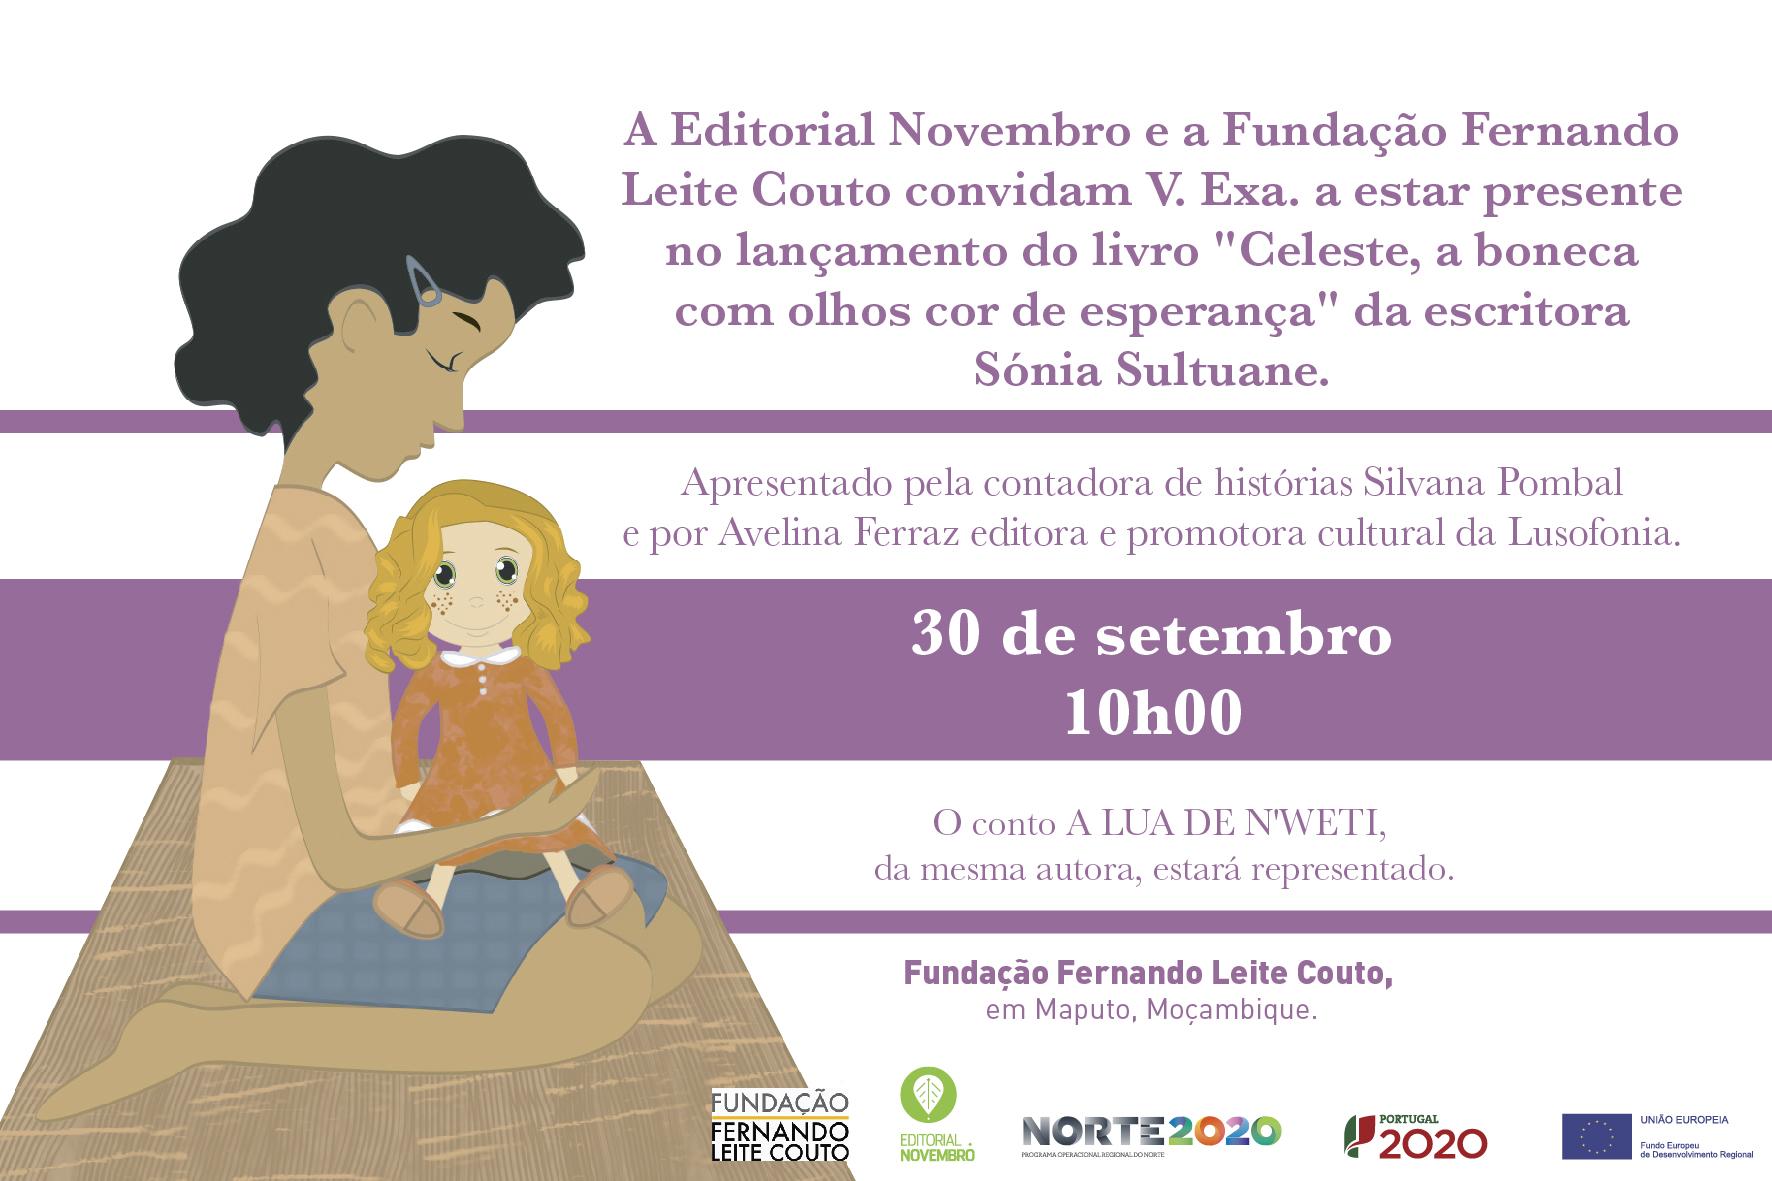 """lançamento do livro """"Celeste, a boneca  com olhos cor de esperança"""" da escritora  Sónia Sultuane, em Maputo"""